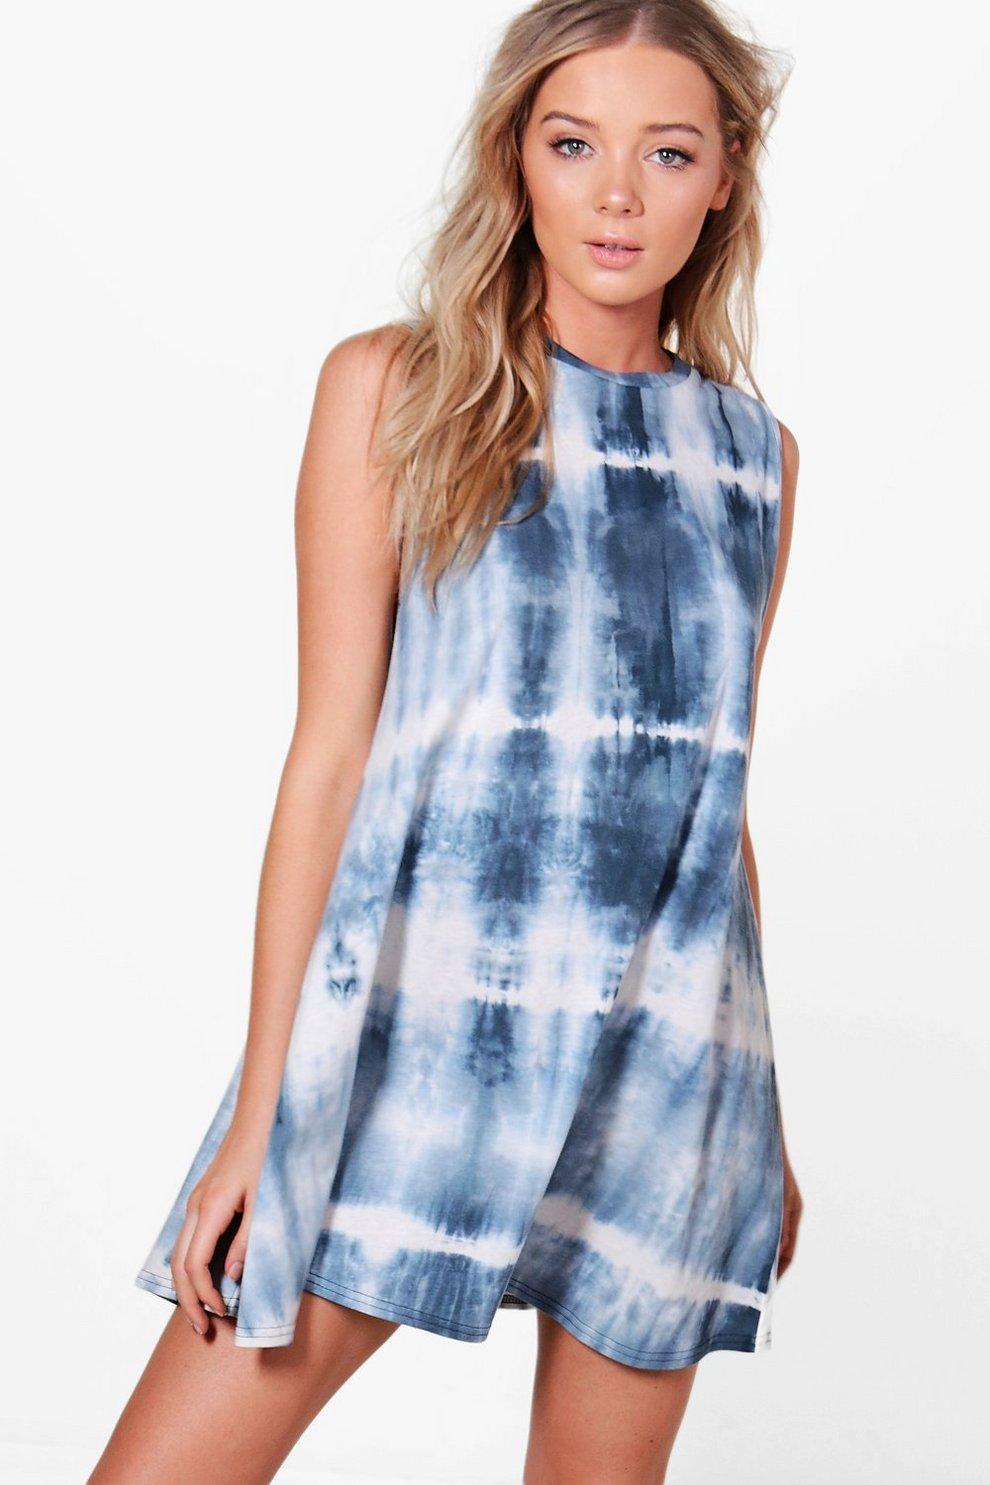 Lucy T-Shirt-Kleid in Batik-Optik mit tiefen Armausschnitten   Boohoo 22c901ed09